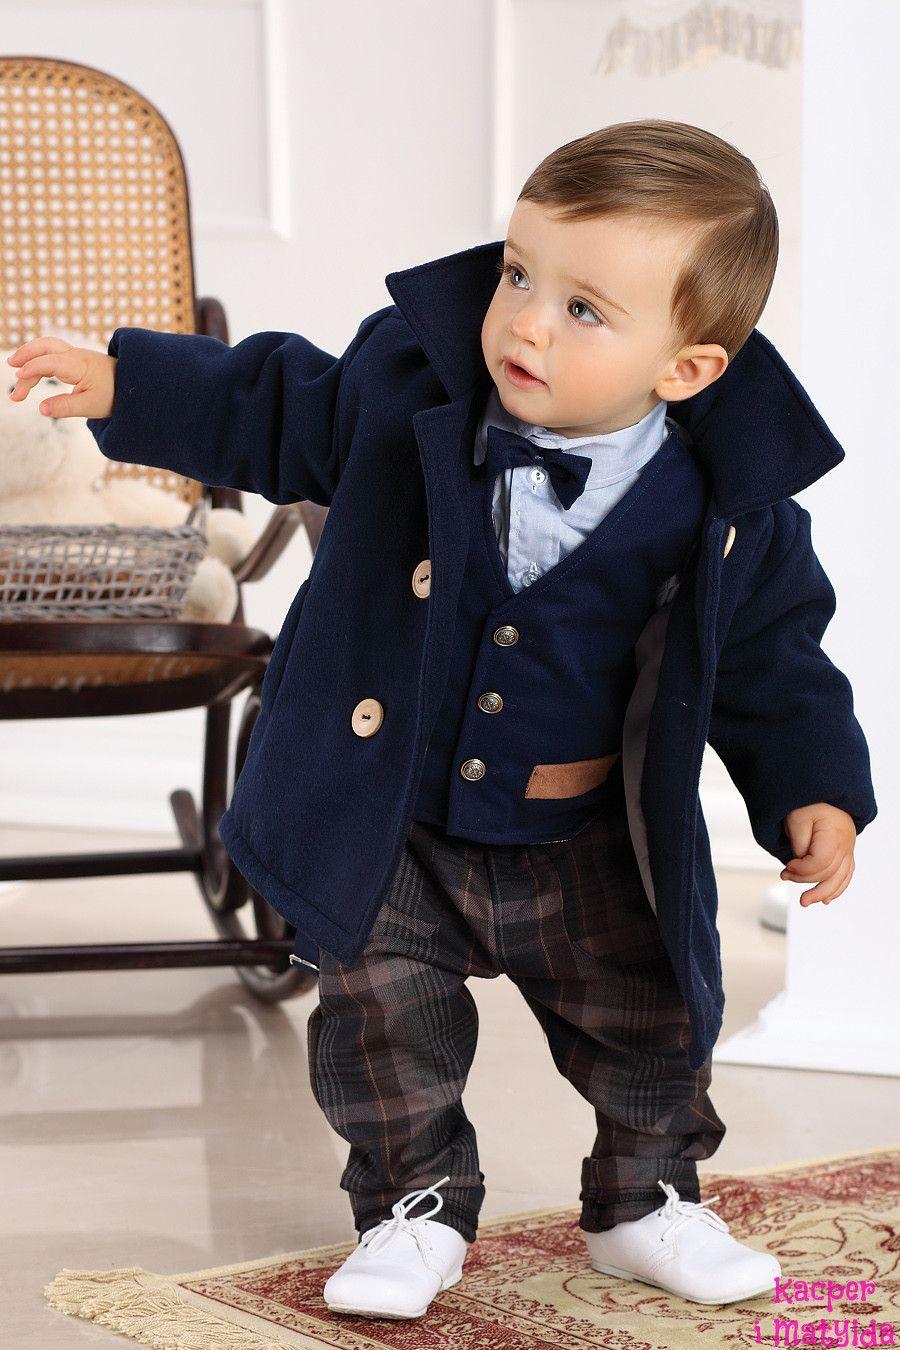 6eaccd39a Elegancki płaszczyk dla chłopca JR Kacper i Matylda mayoral, ubranka do  chrztu, garniturki dla dzieci